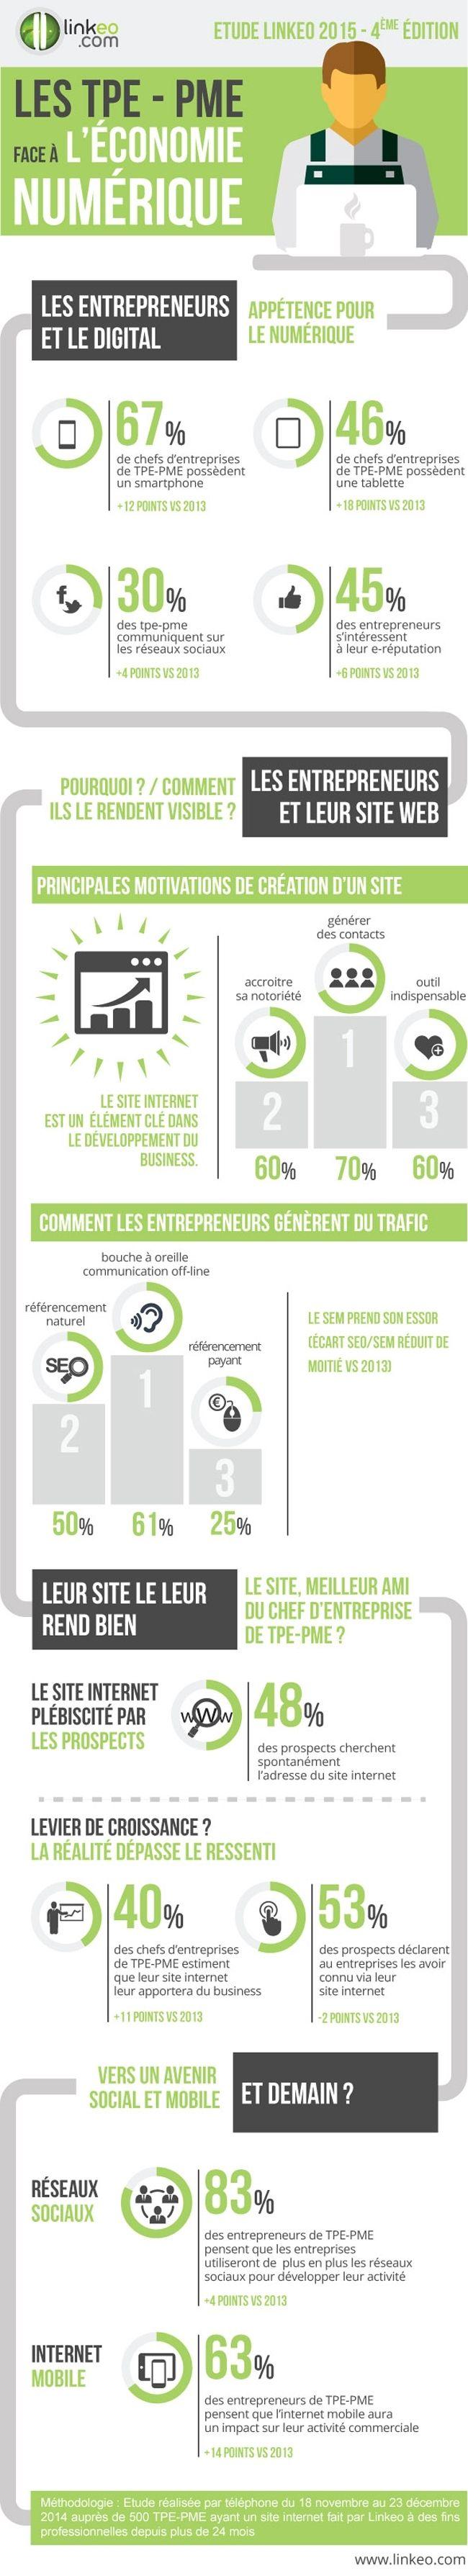 Les entreprises françaises et le web : les plus et les moins